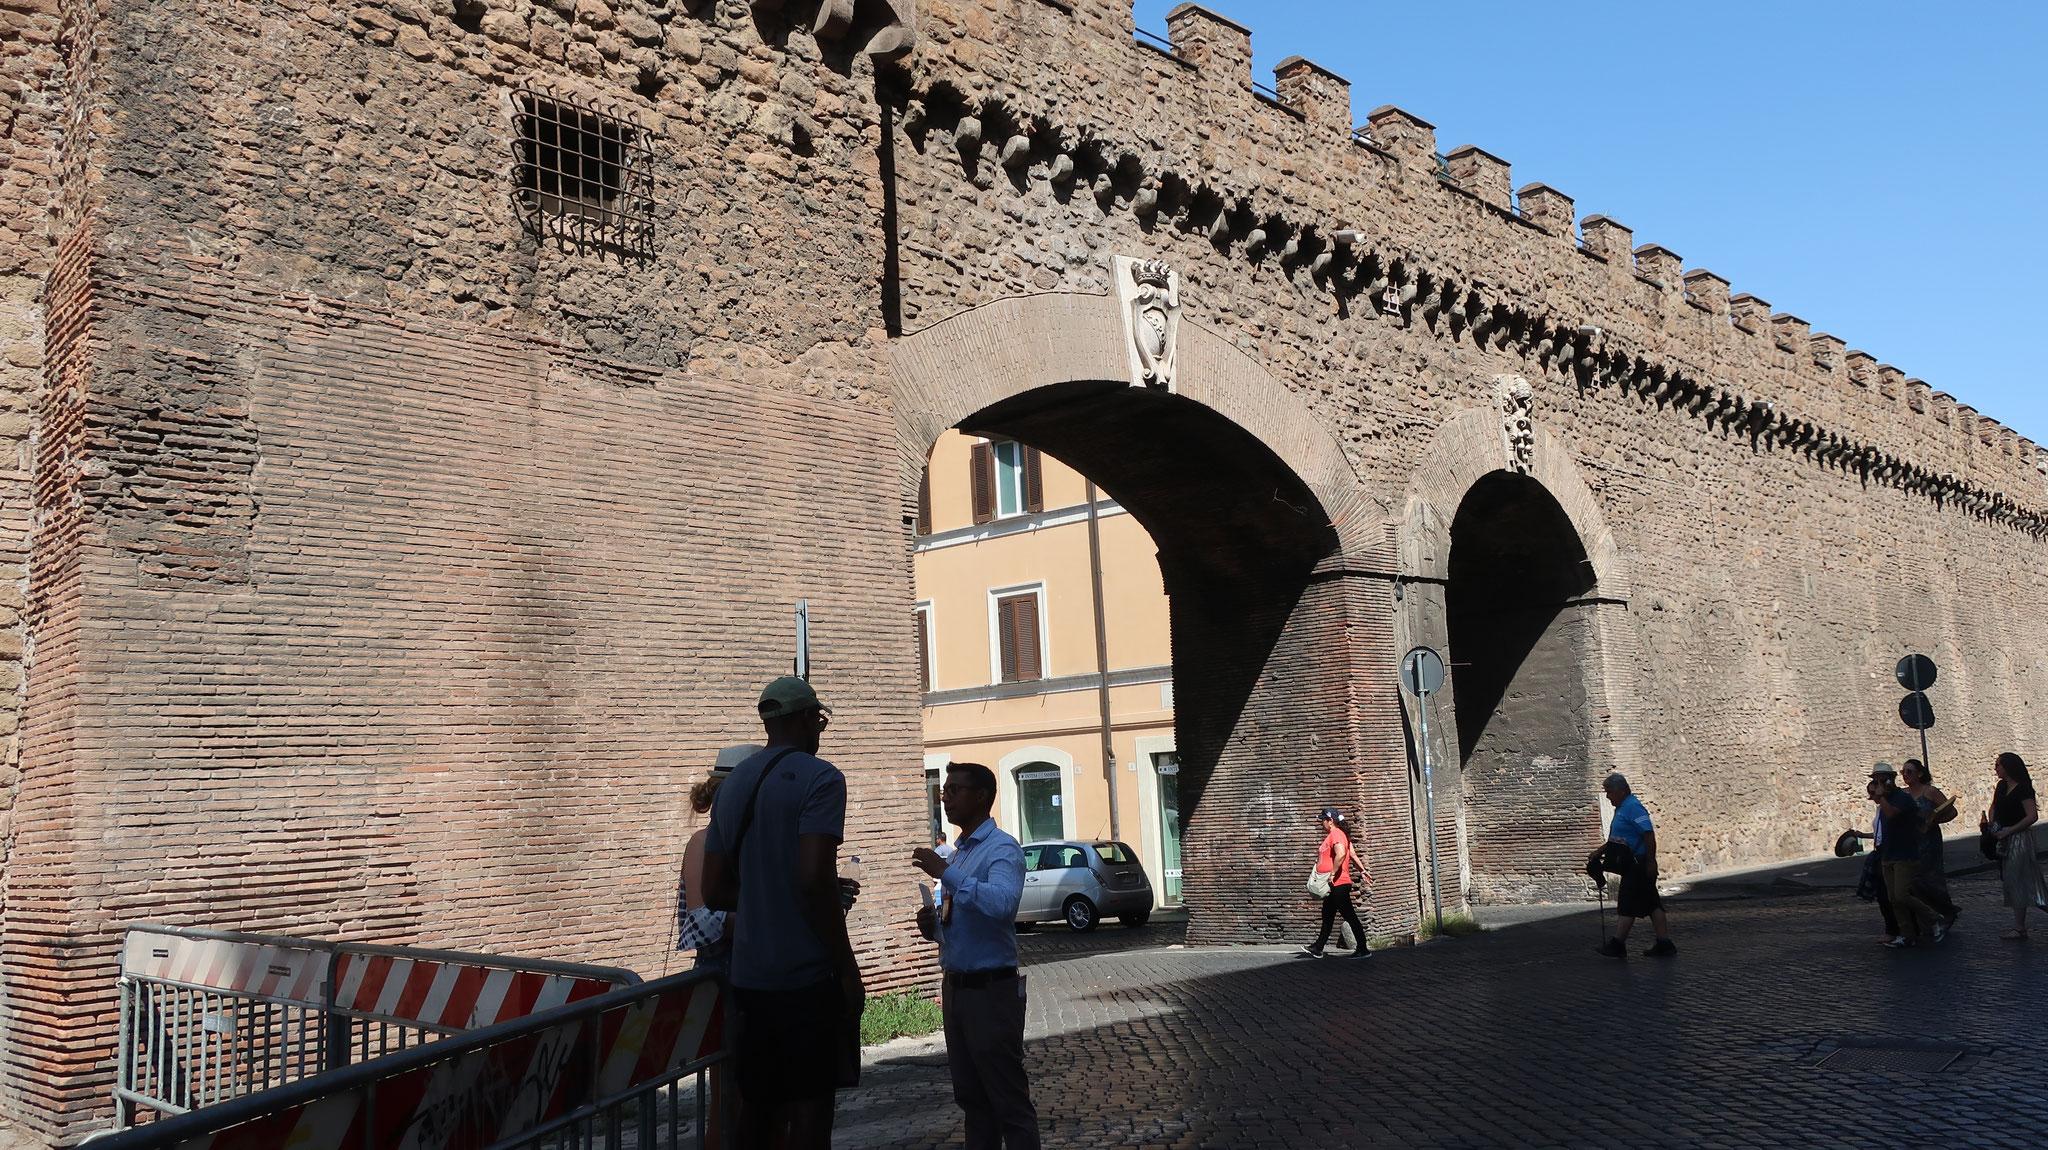 ローマを外敵から守るレオニーネの城壁。上部にヴァティカンとサンタンジェロ城を結ぶ通路があります。